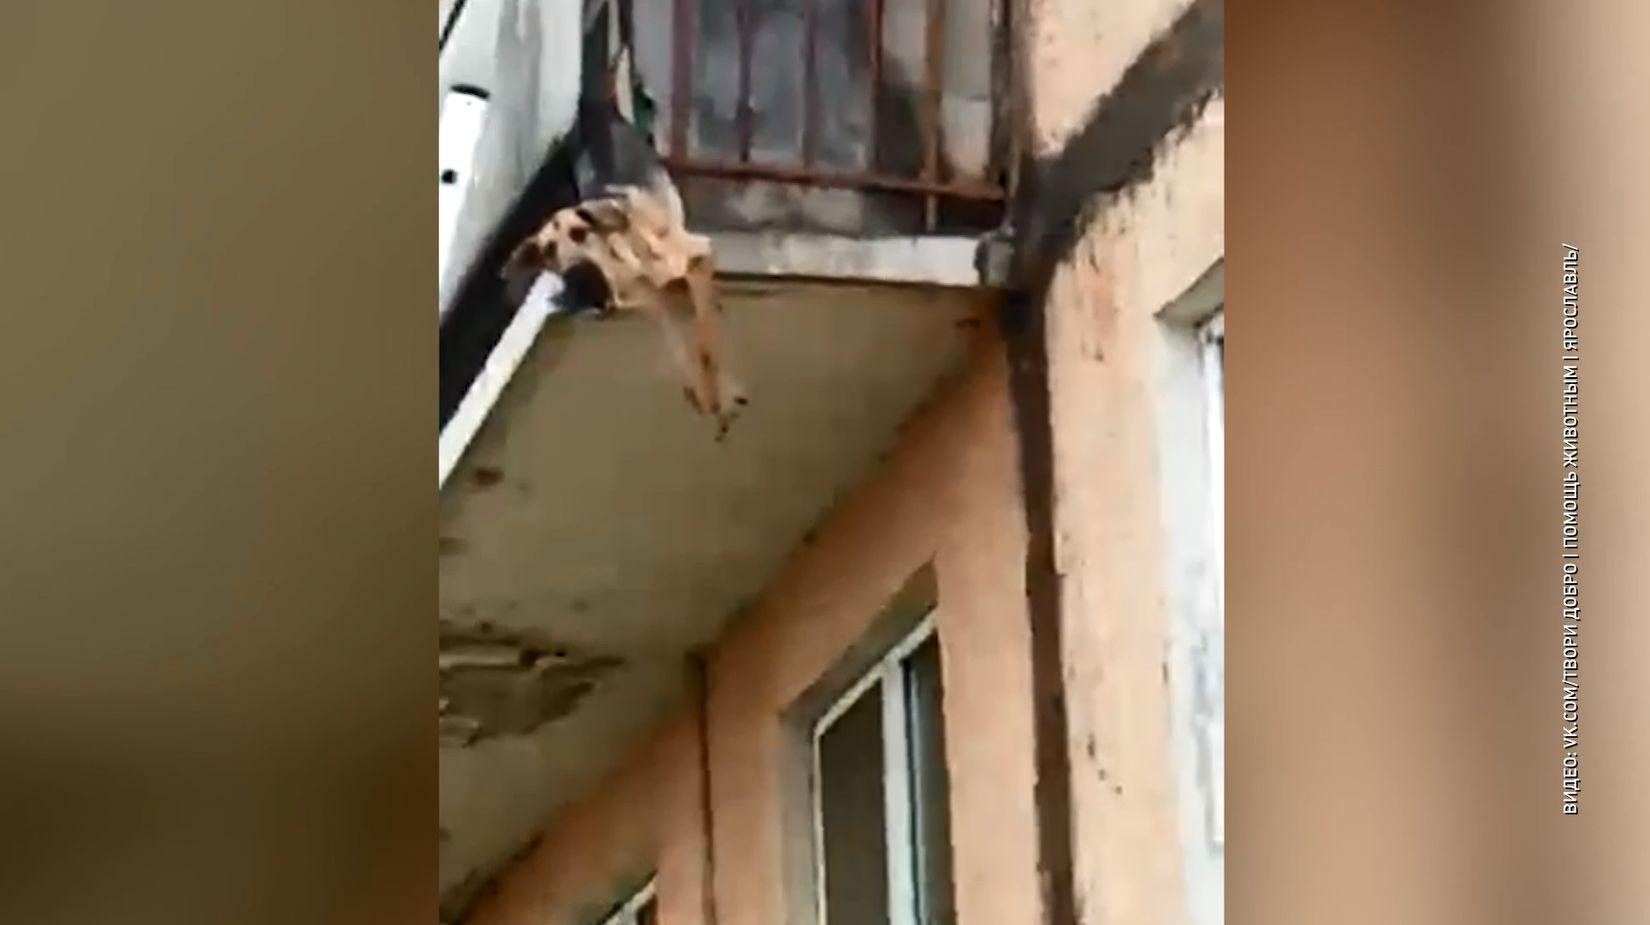 Истощённая собака, свисавшая с балкона дома в Тутаеве Ярославской области, находится в ветклинике